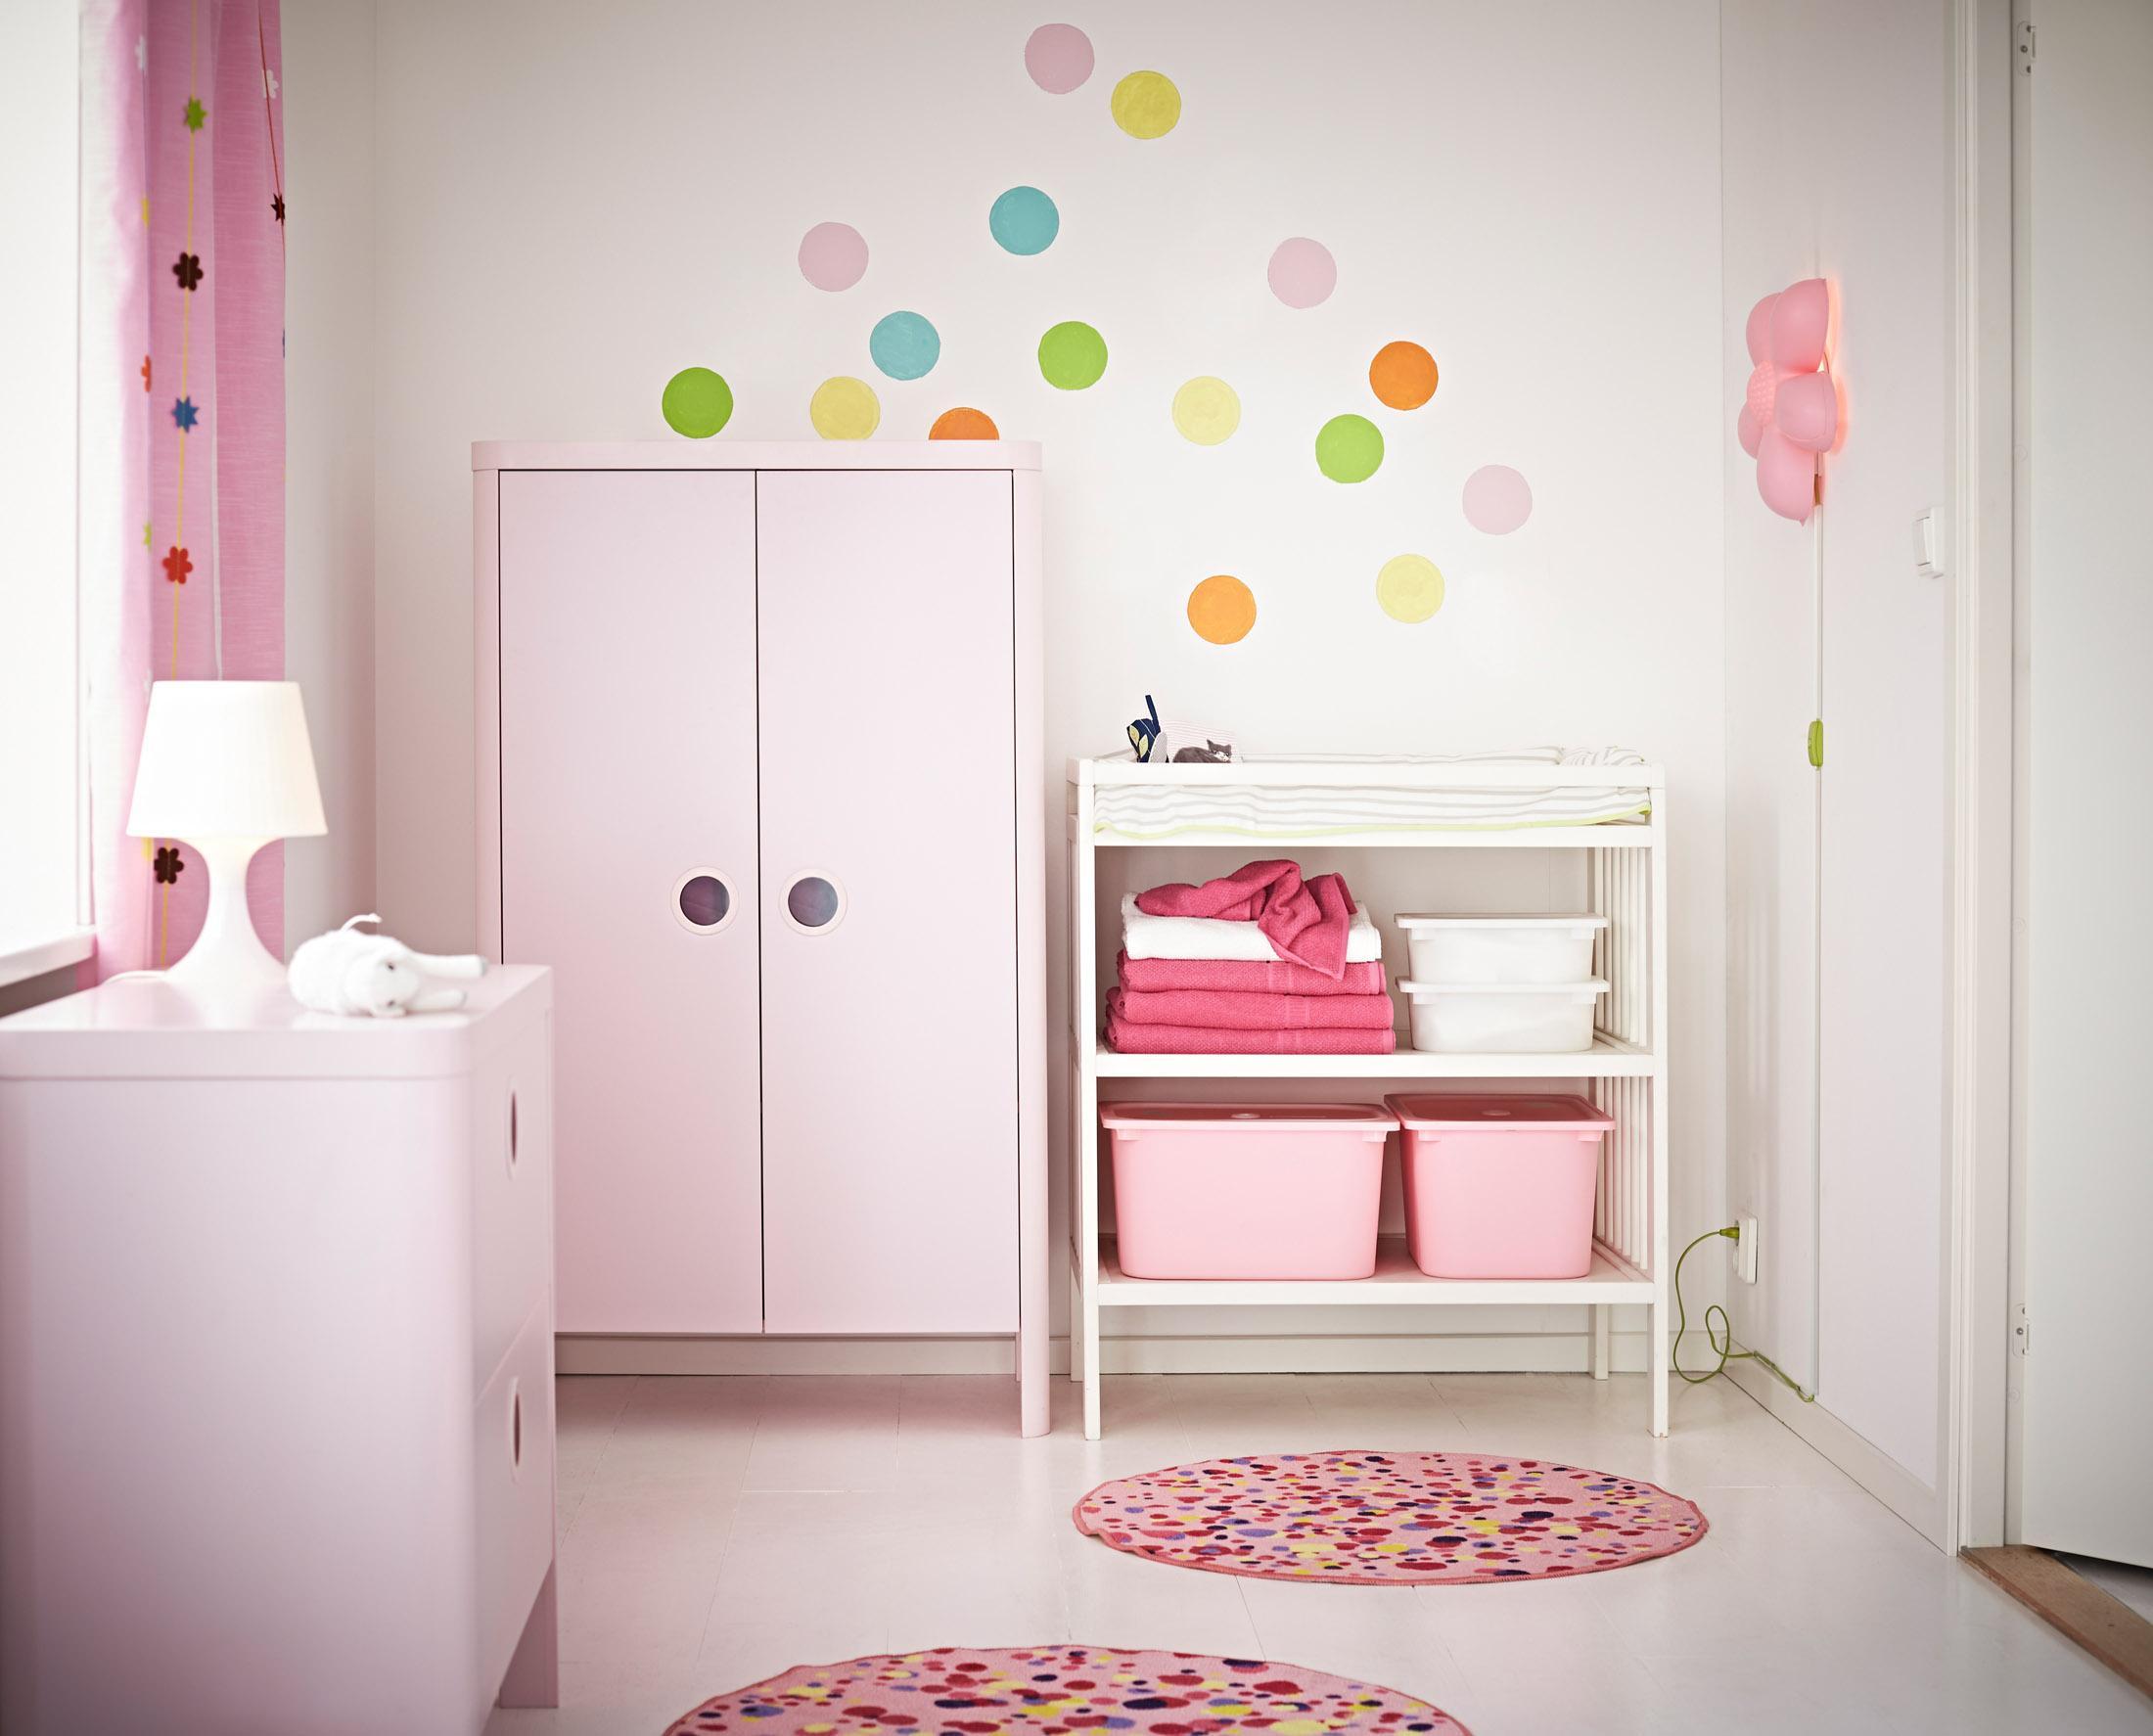 Full Size of Wandschablonen Machen Aus Deinen Wnden Einen Blickfang Regale Kinderzimmer Sofa Regal Weiß Kinderzimmer Wandschablonen Kinderzimmer